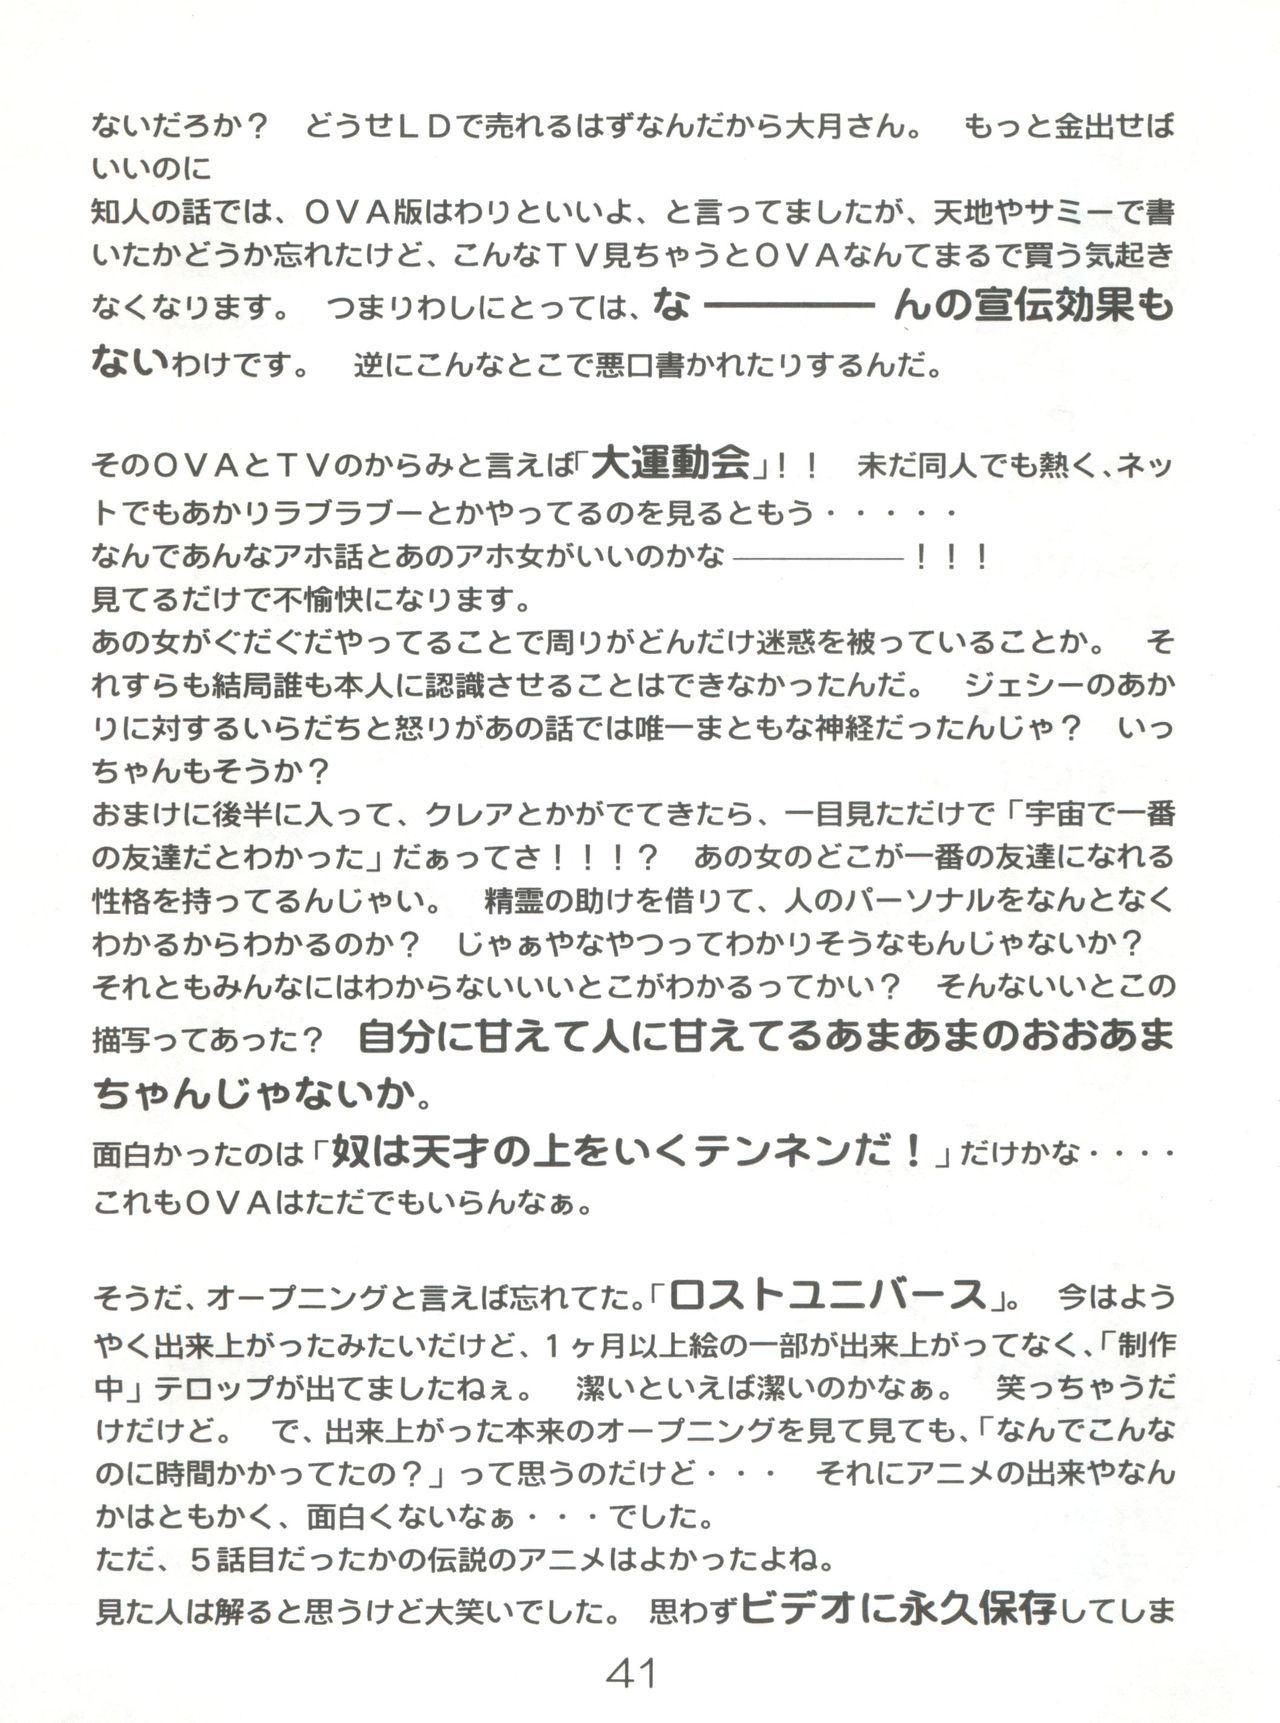 Mahou no Okusuri 39